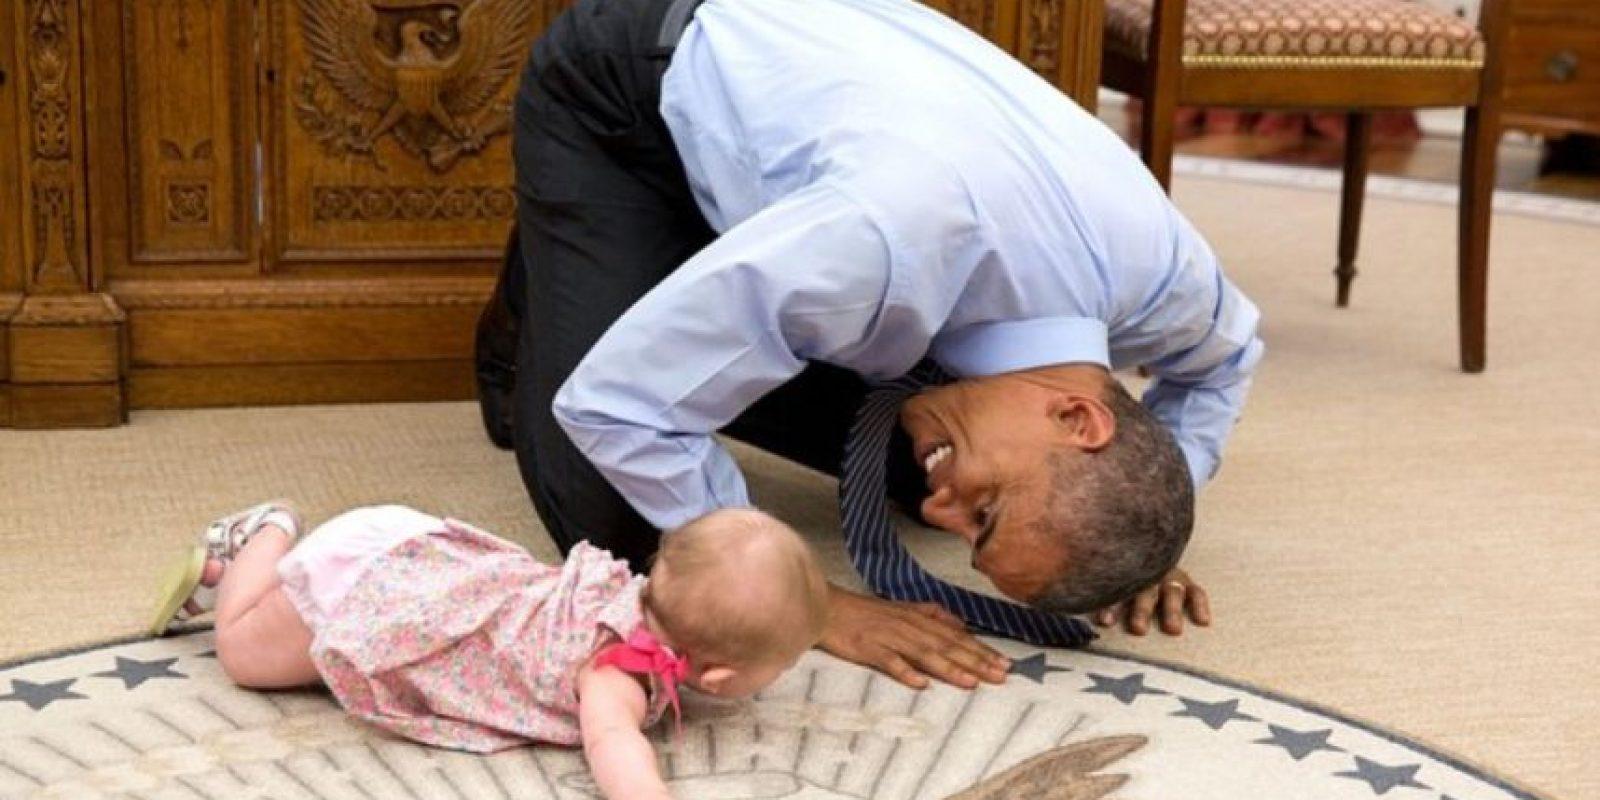 Fotografías como esta muestran un lado distinto de Barack Obama. Foto:Vía Instagram @petesouza